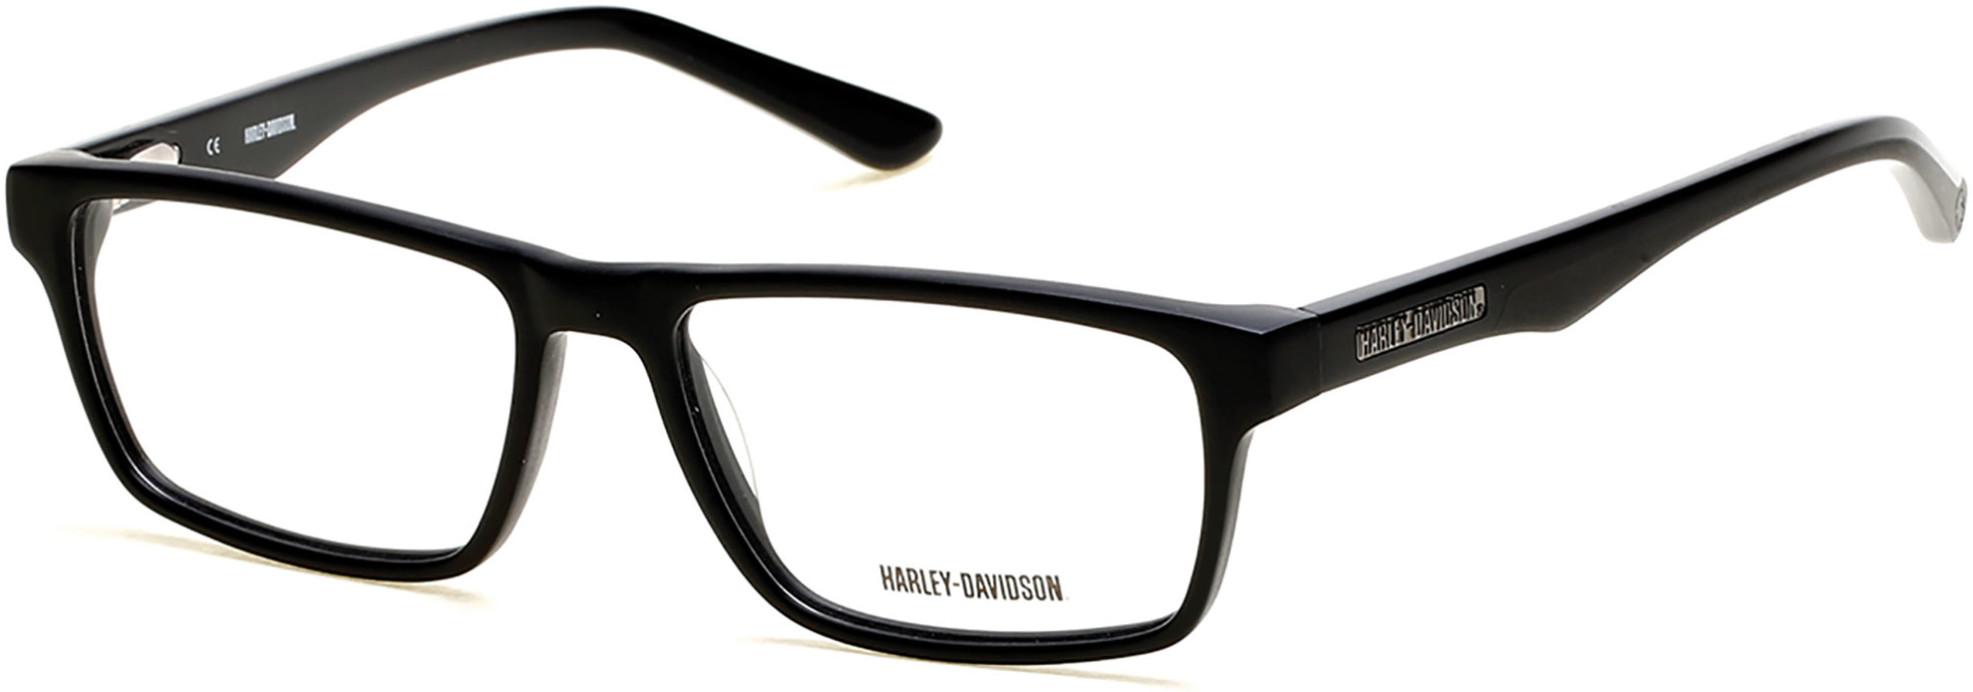 HARLEY-DAVIDSON HD0727 style-color 002 - Matte Black